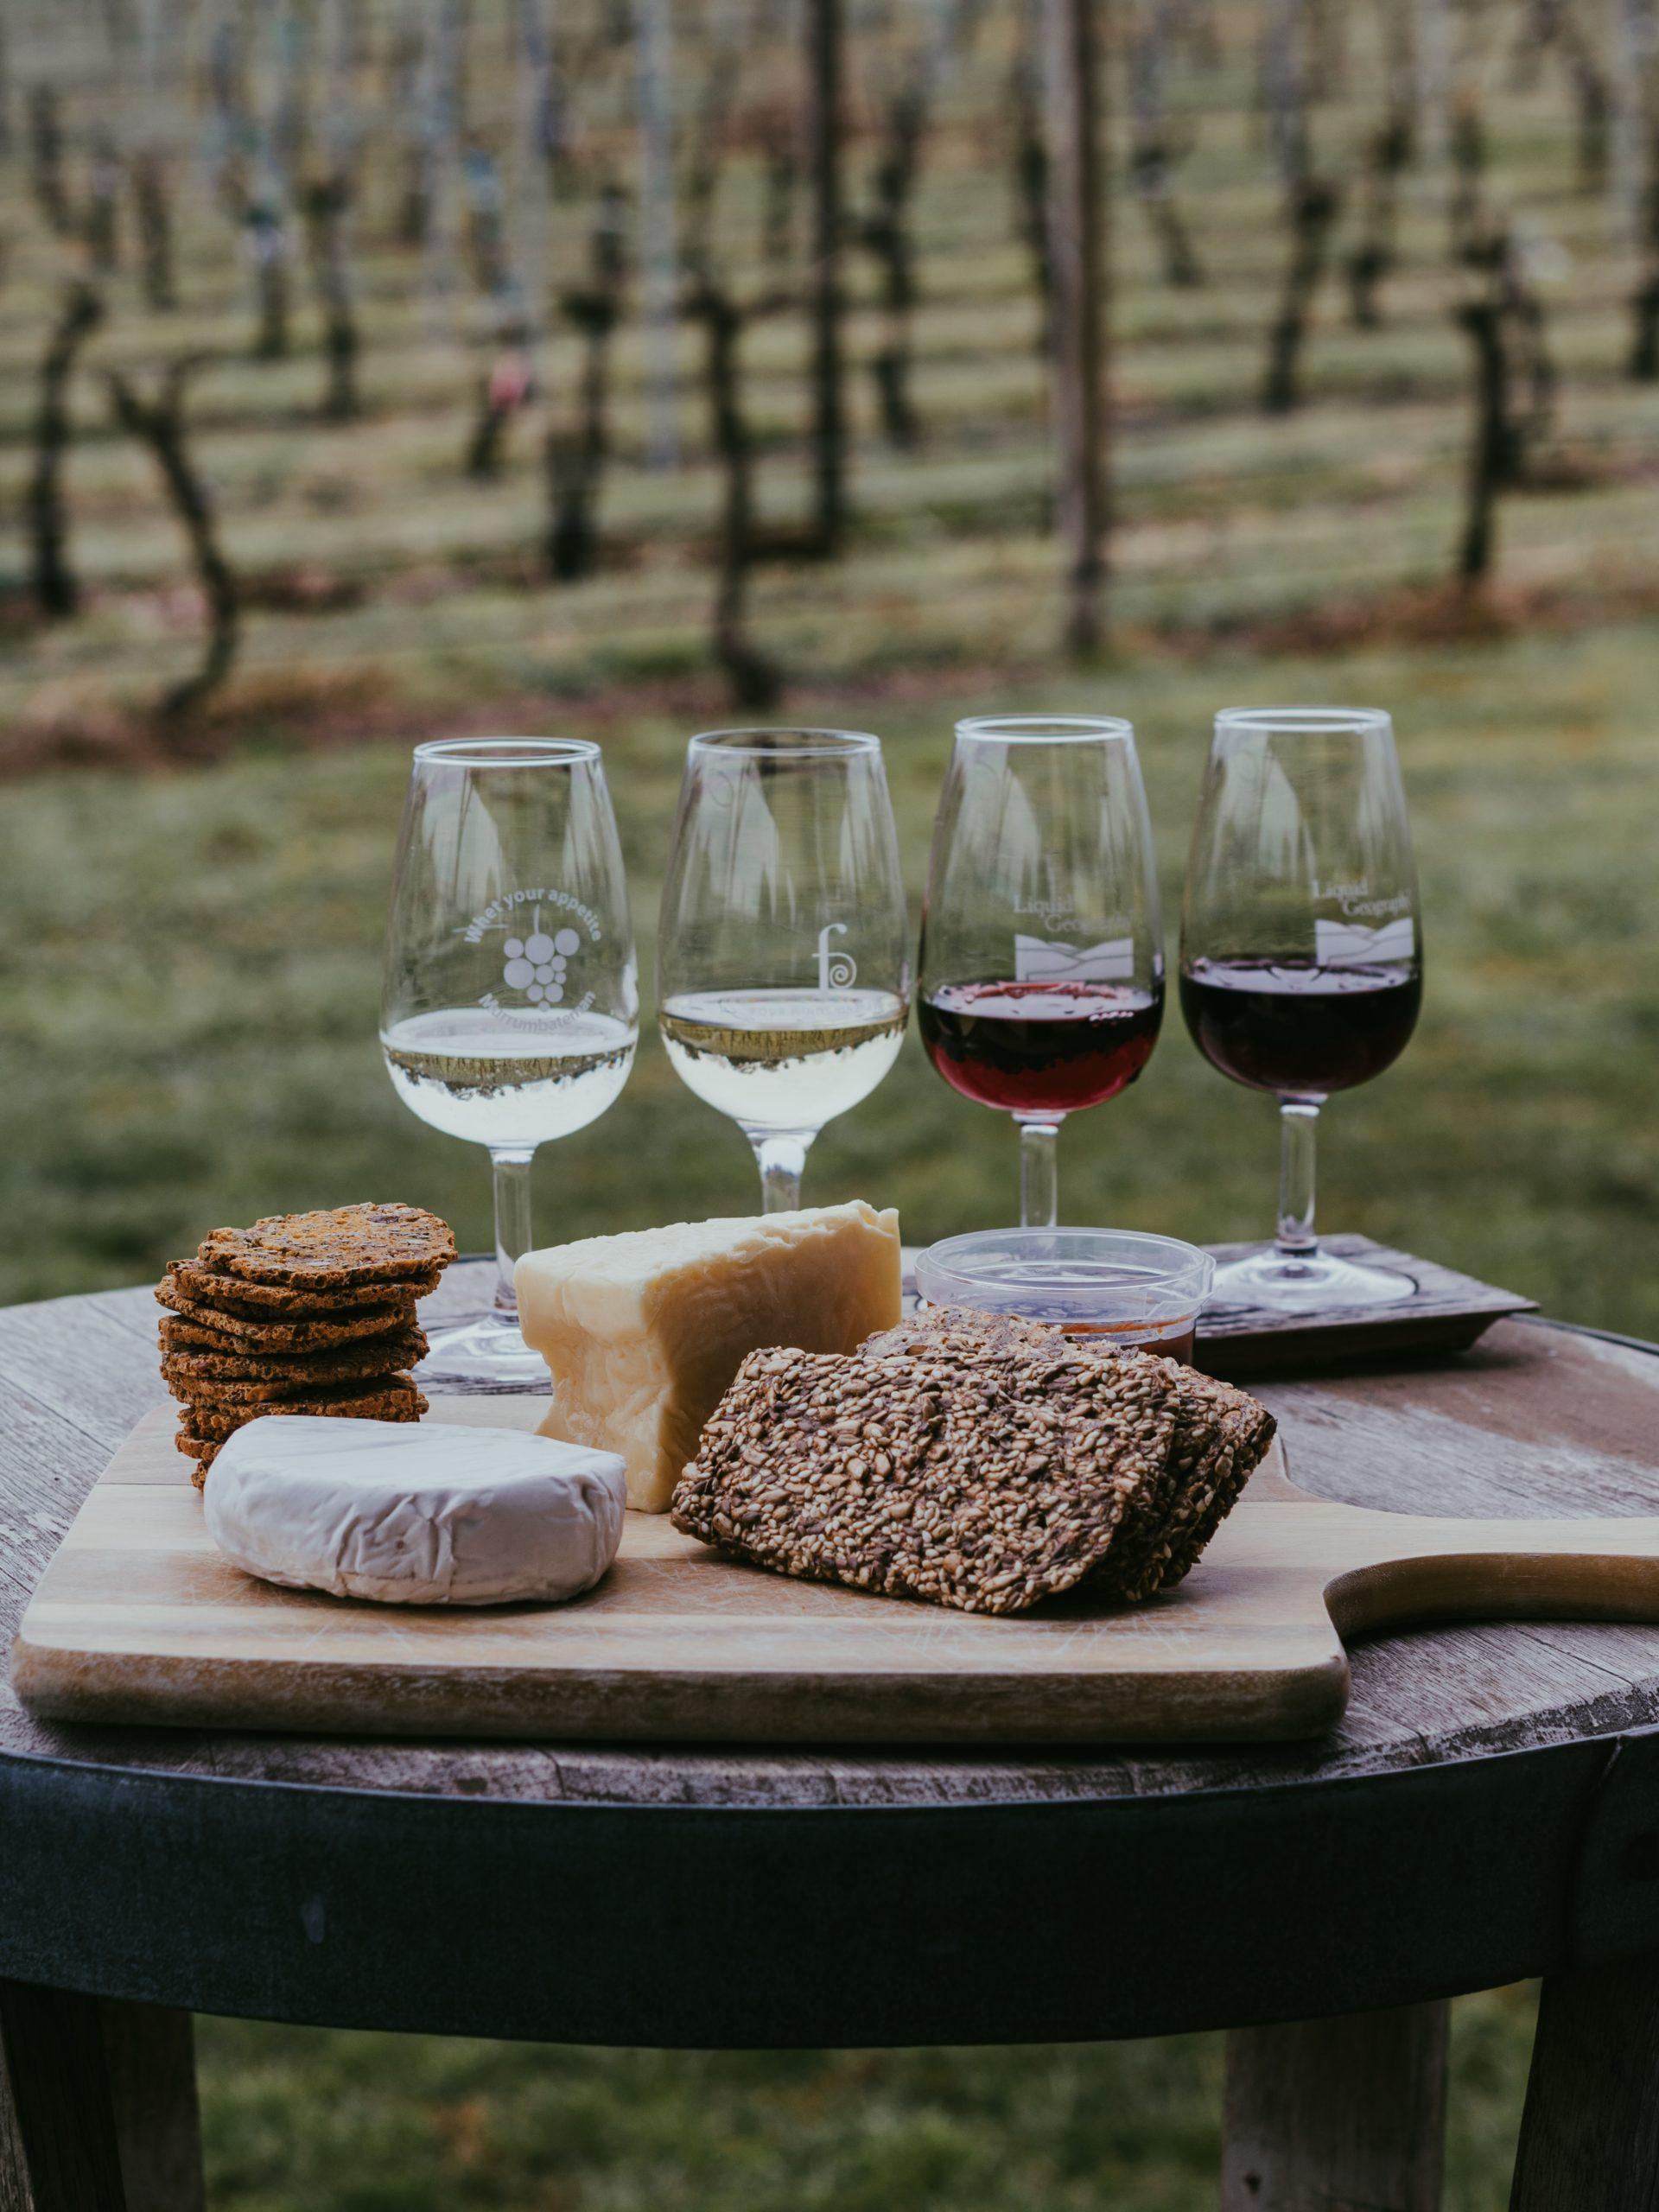 Rasteau et fromages: un mariage réussi